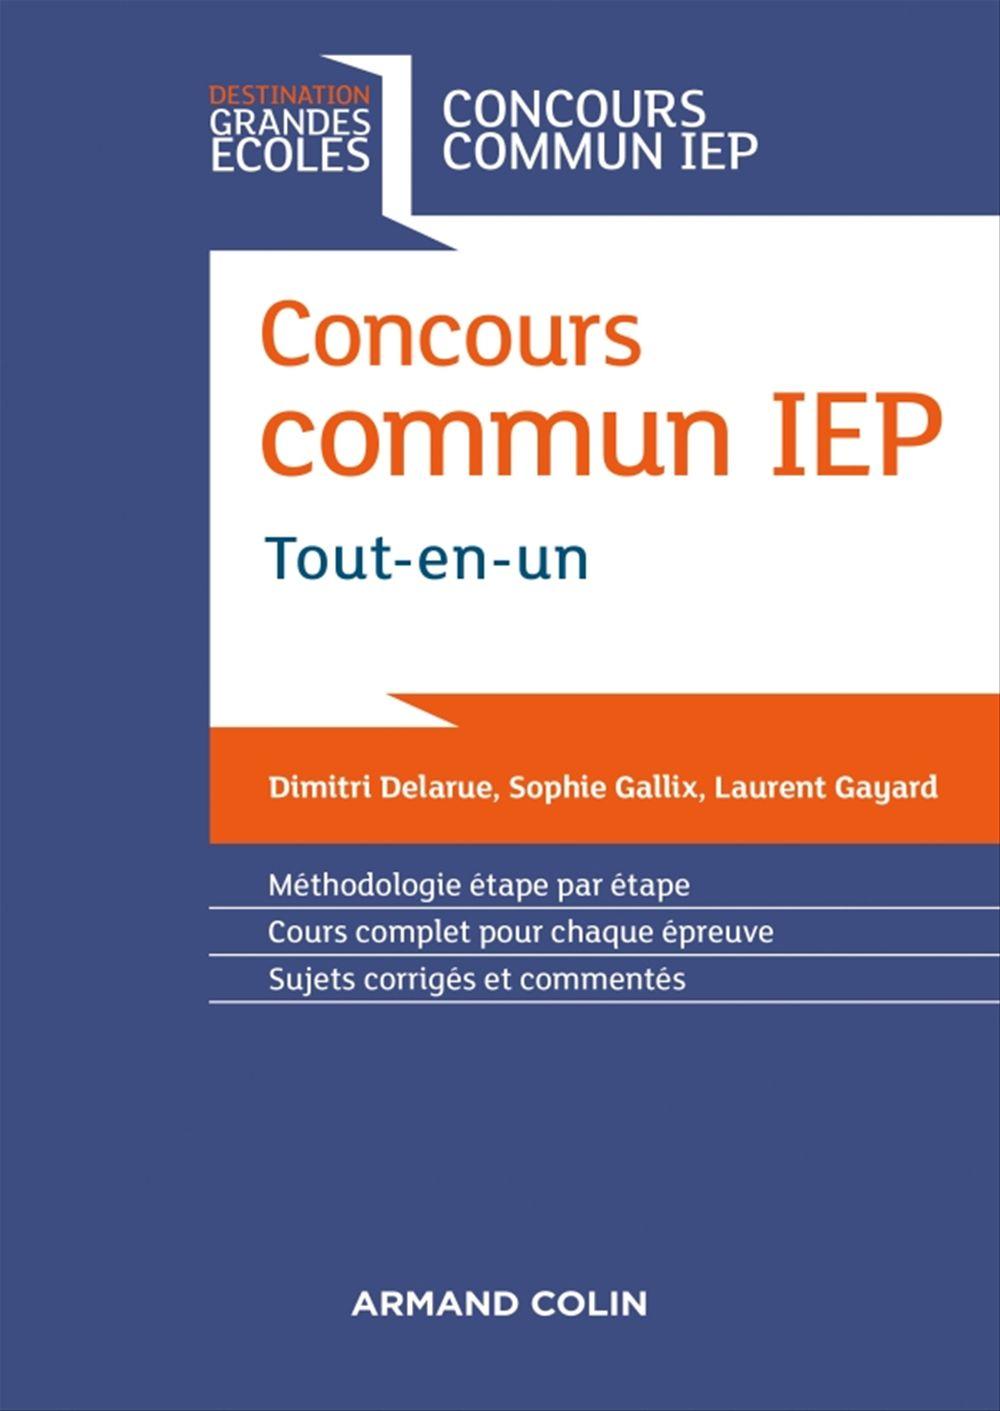 Sophie Gallix Concours commun IEP